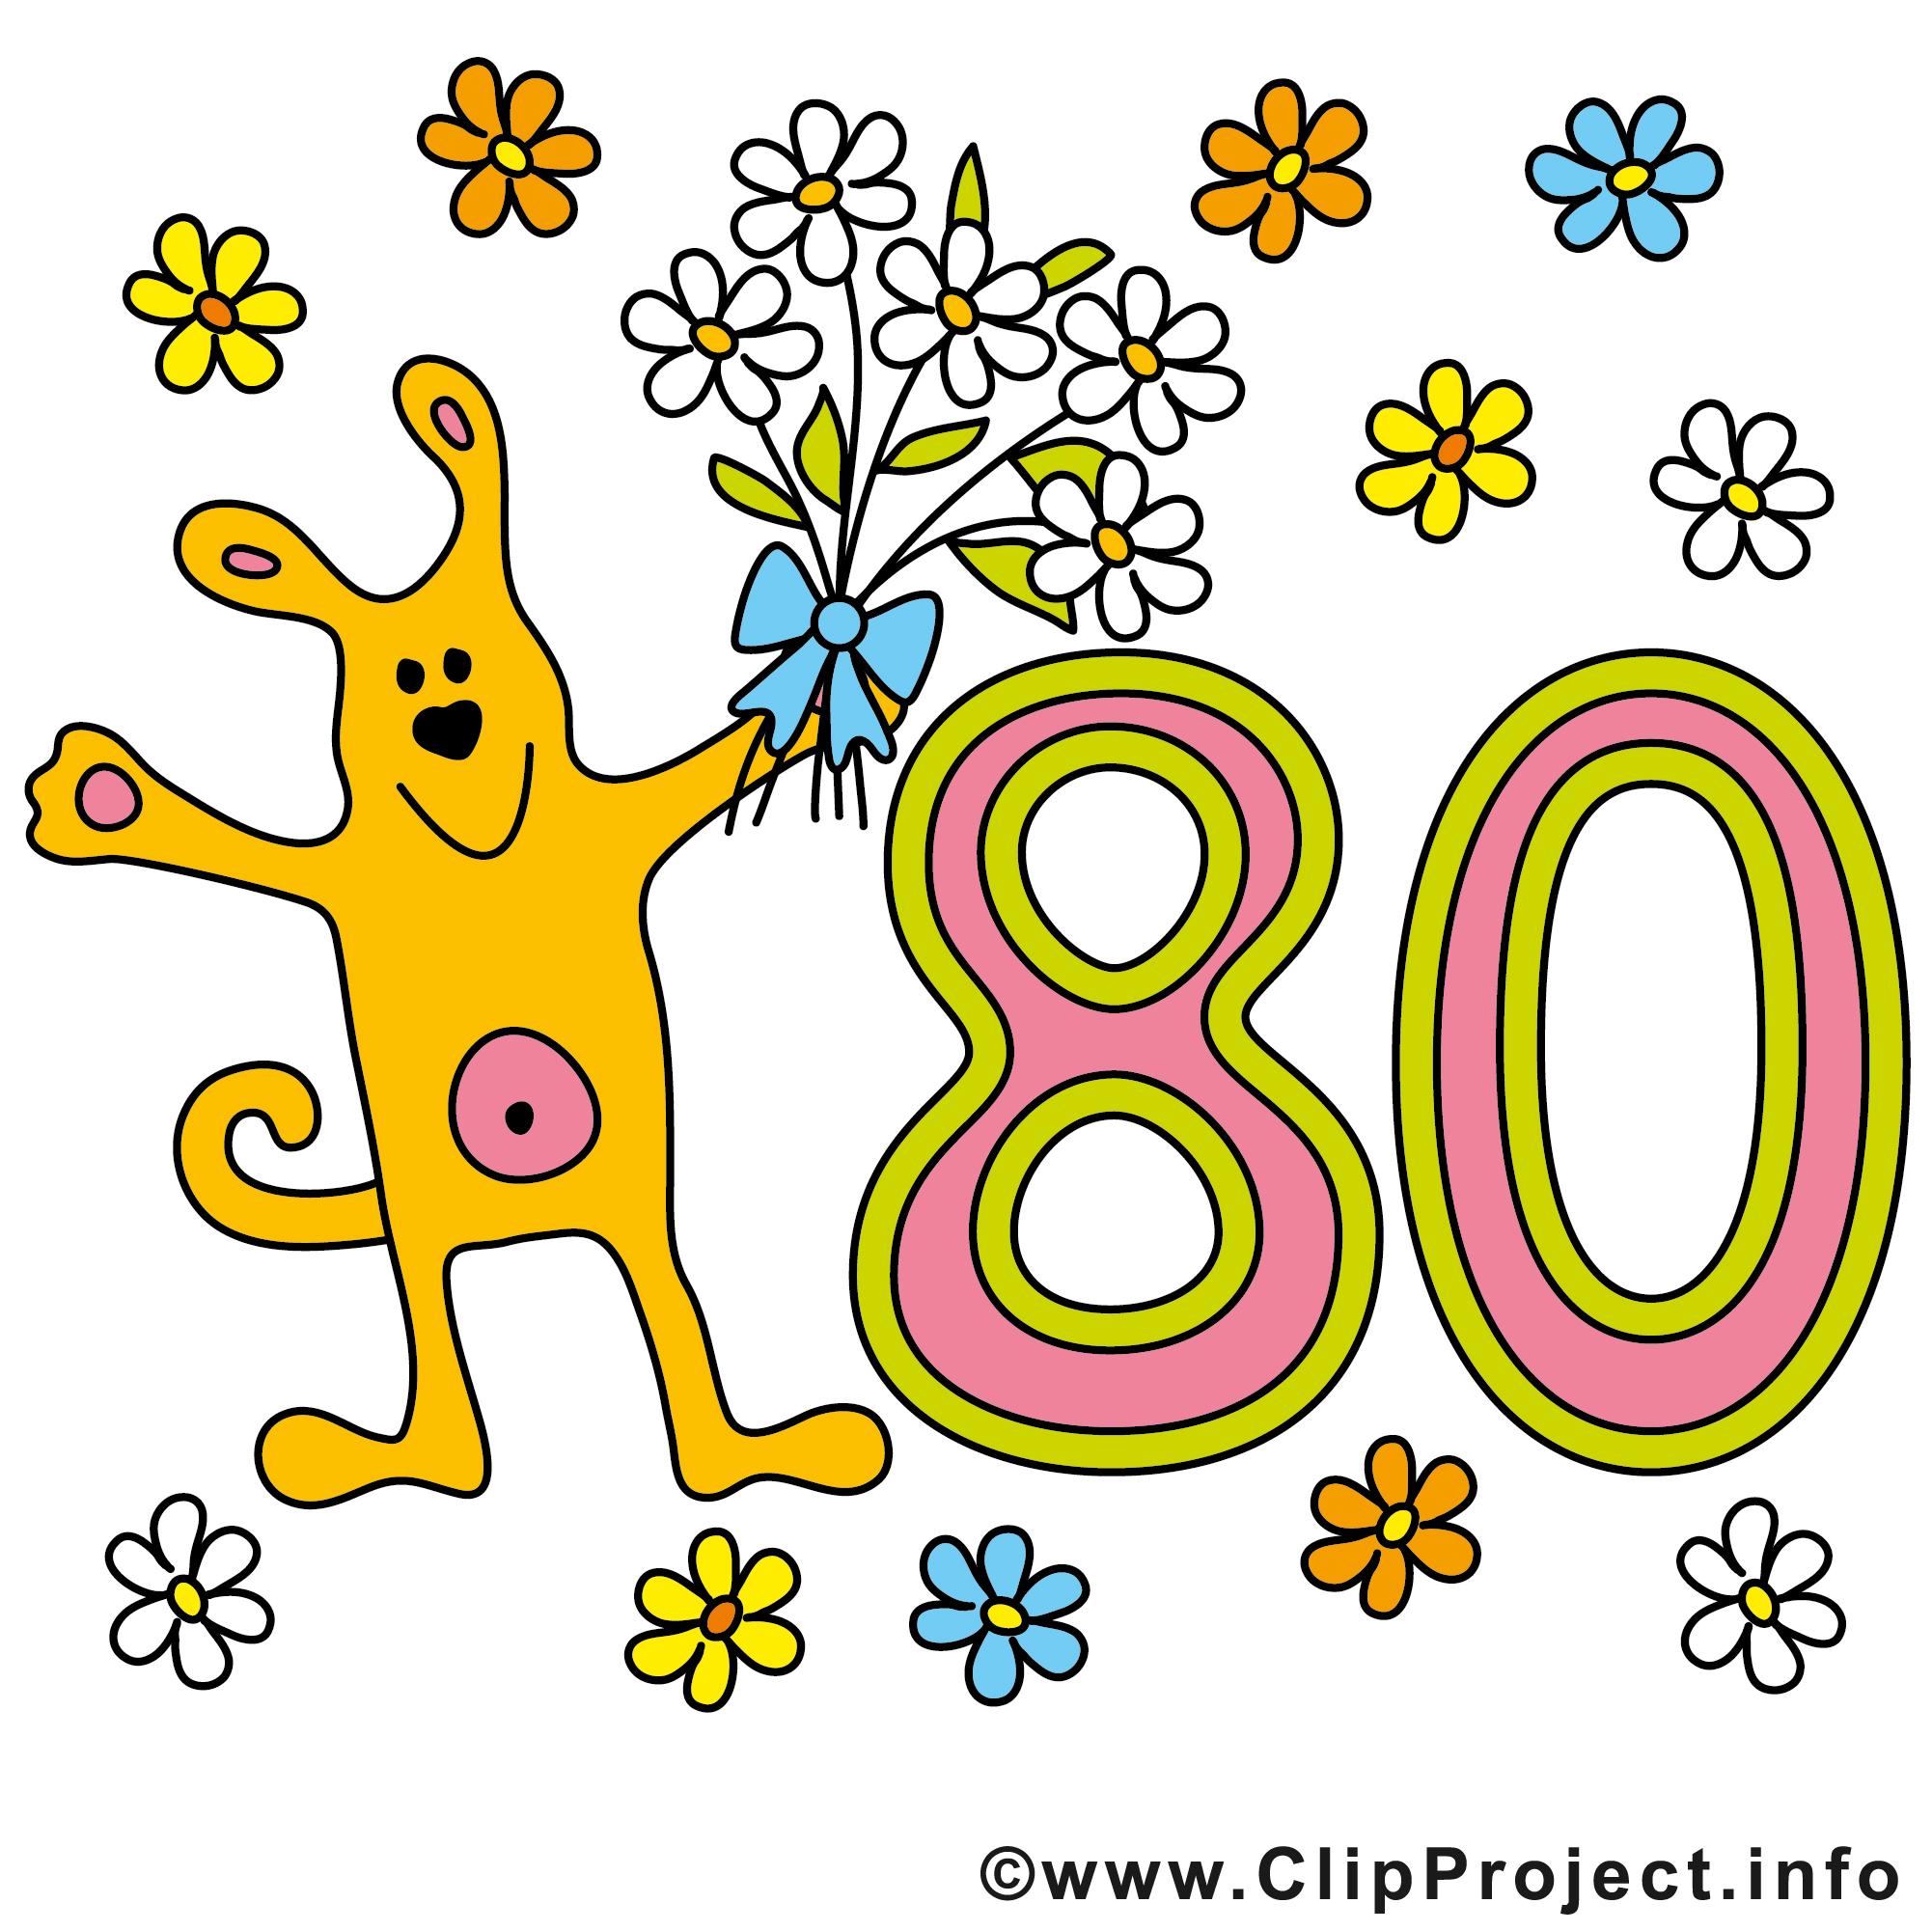 Chien 80 ans images – Anniversaire dessins gratuits - Anniversaire ... clipart royalty free library